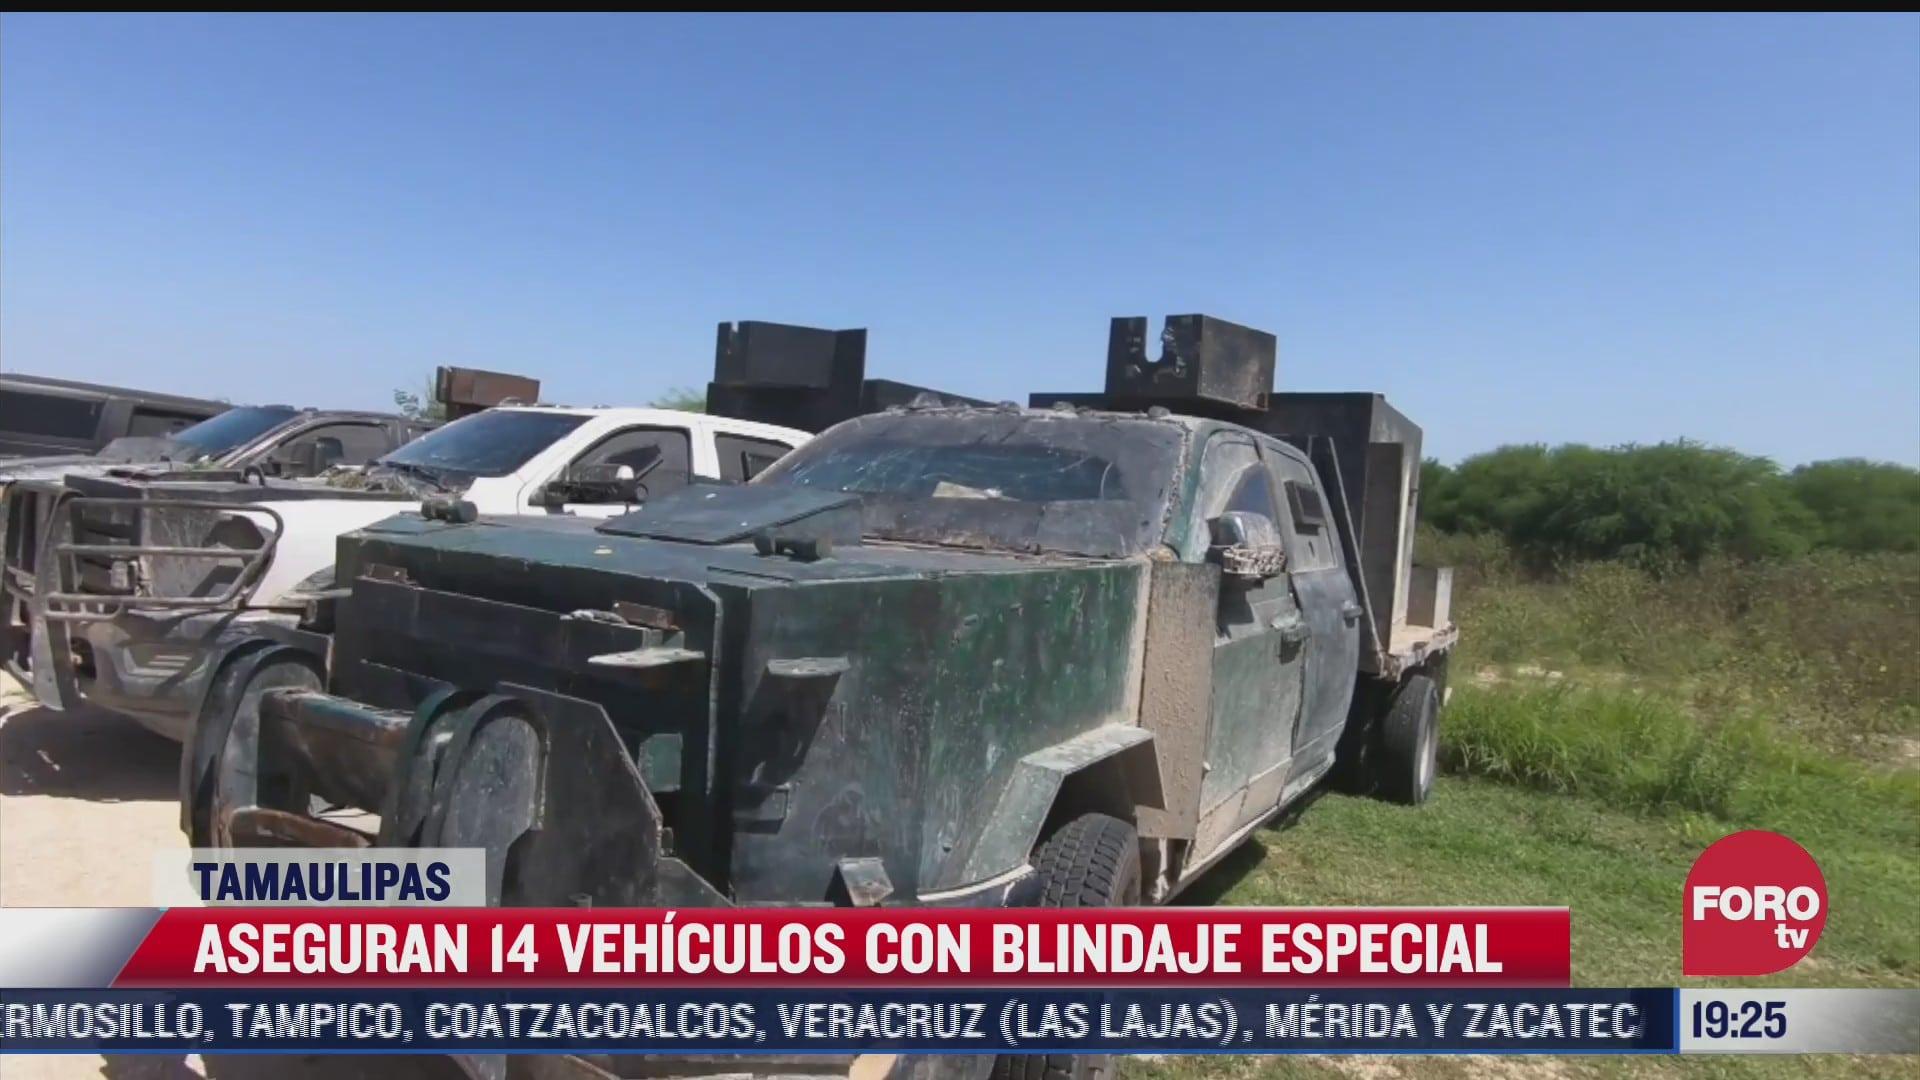 aseguran 14 vehiculos con blindaje artesanal en los ultimos 12 dias